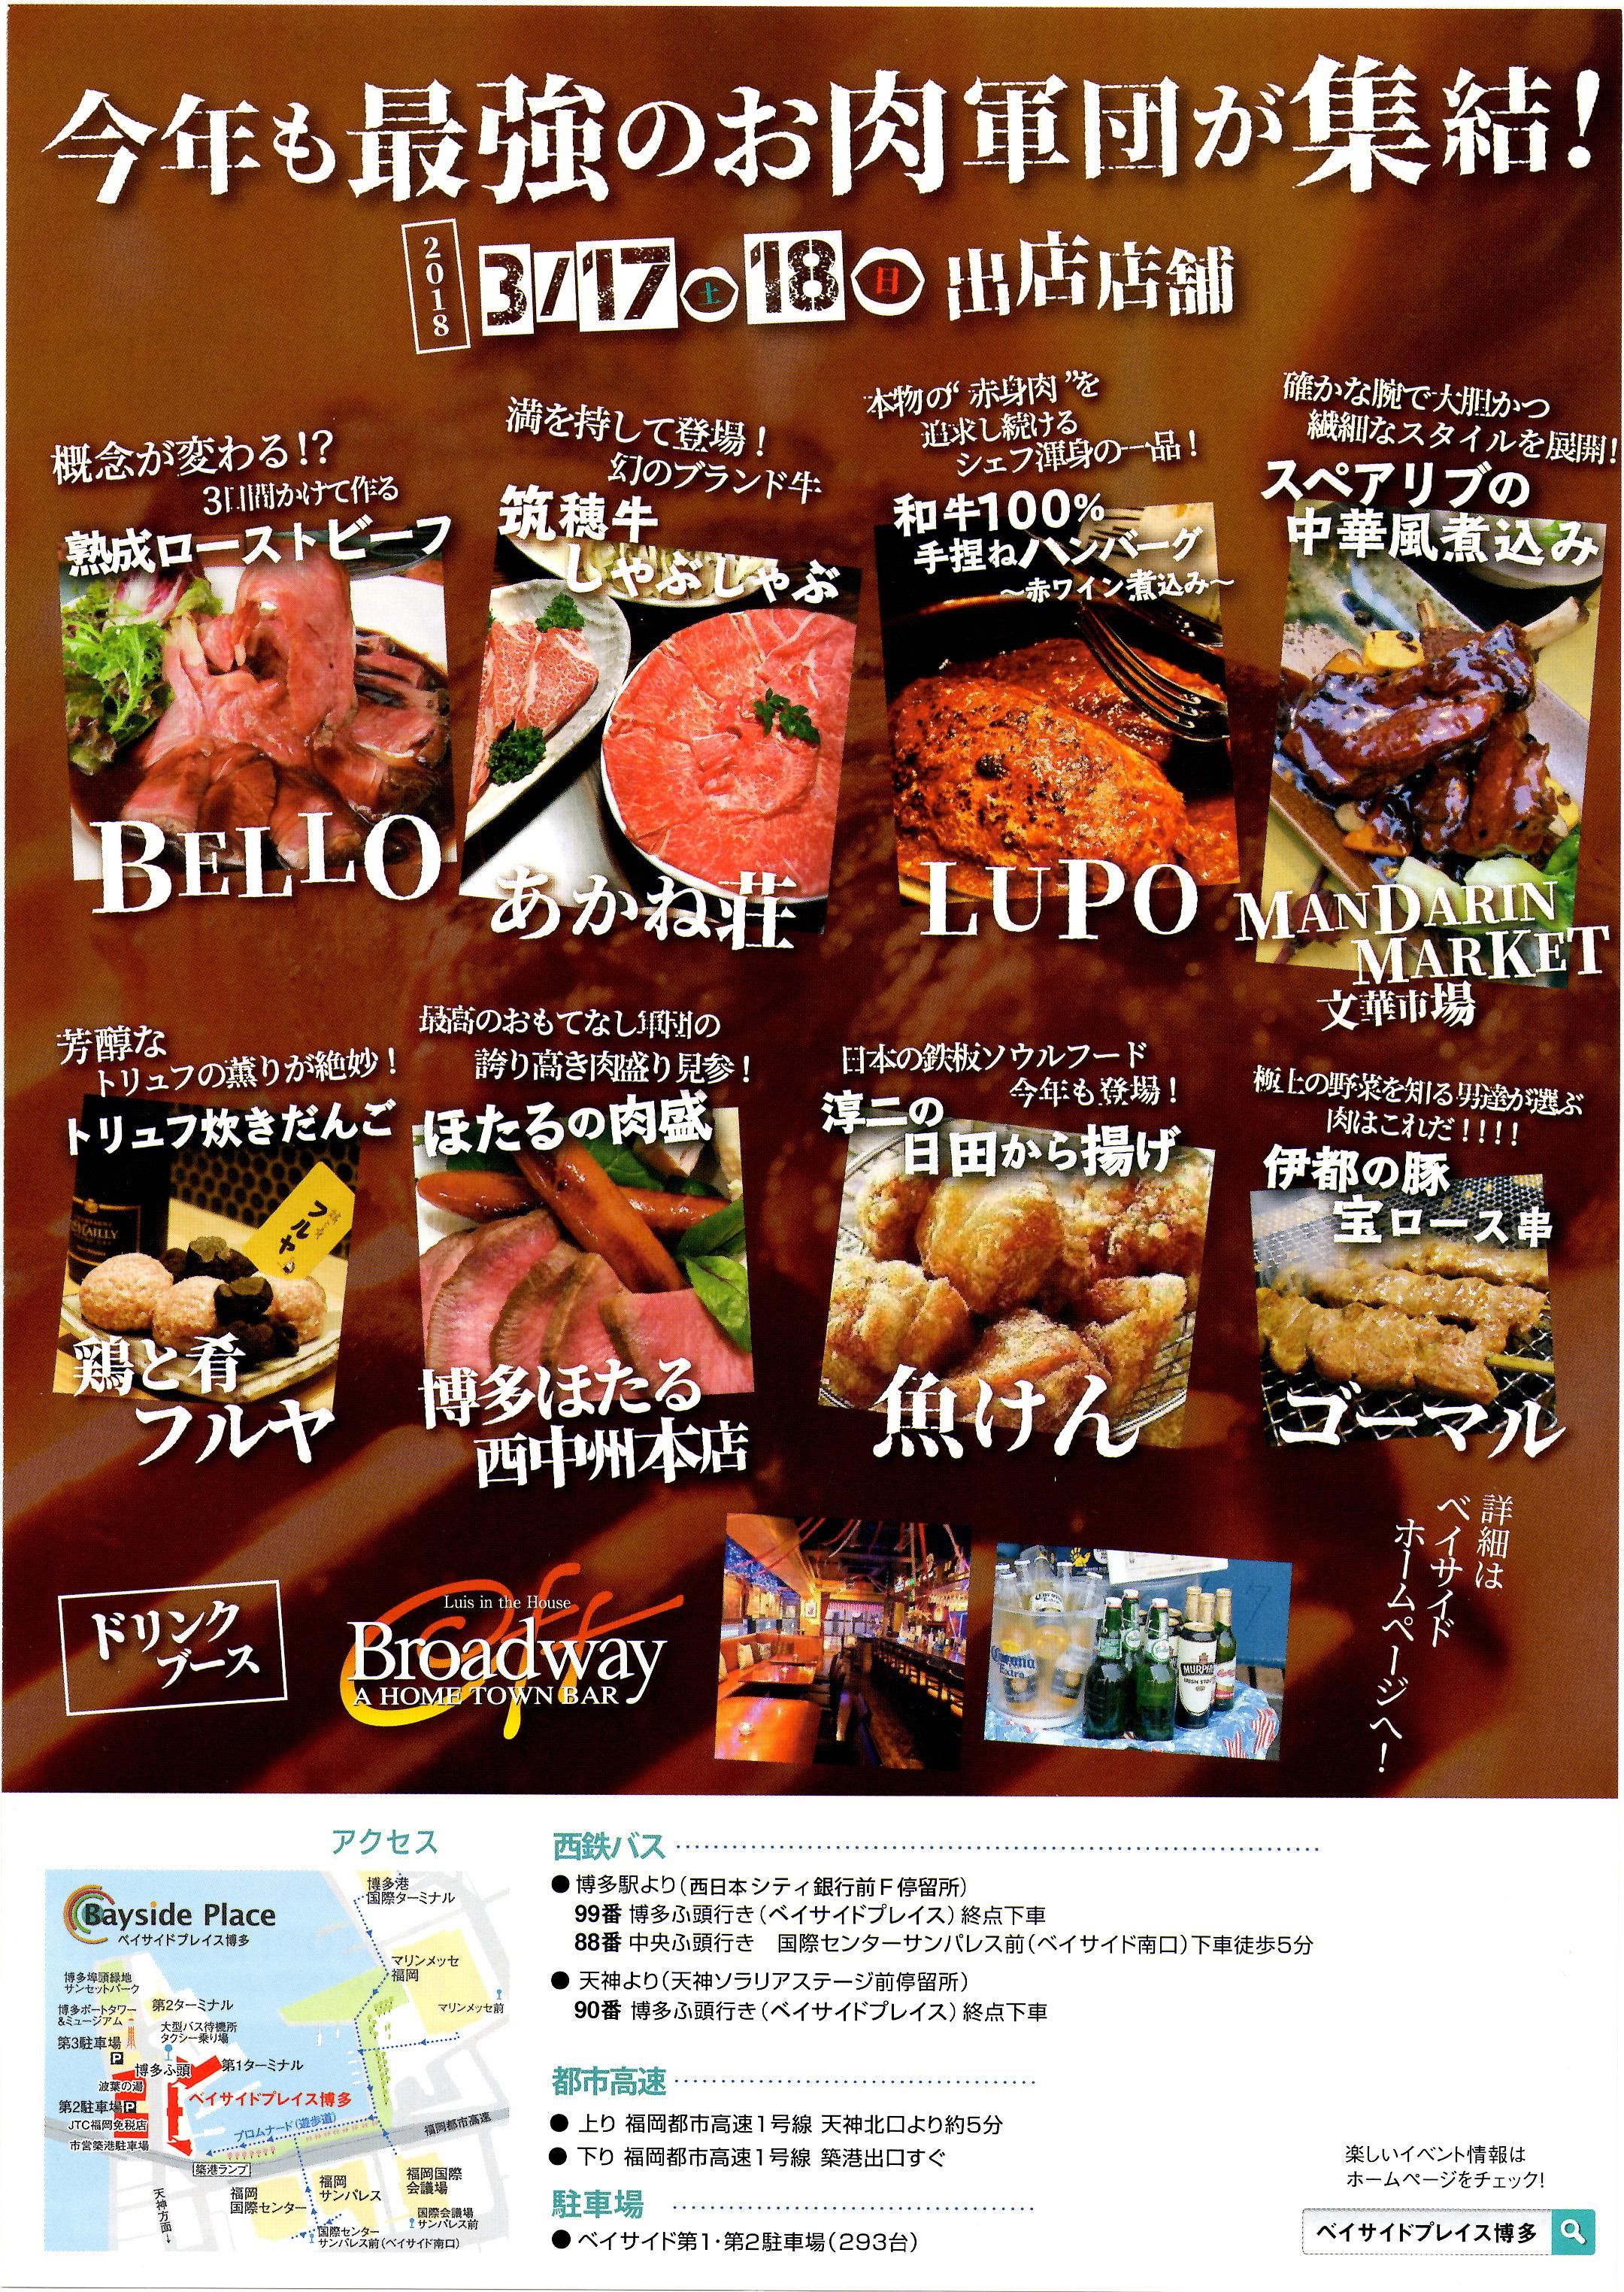 肉博チラシ裏の画像